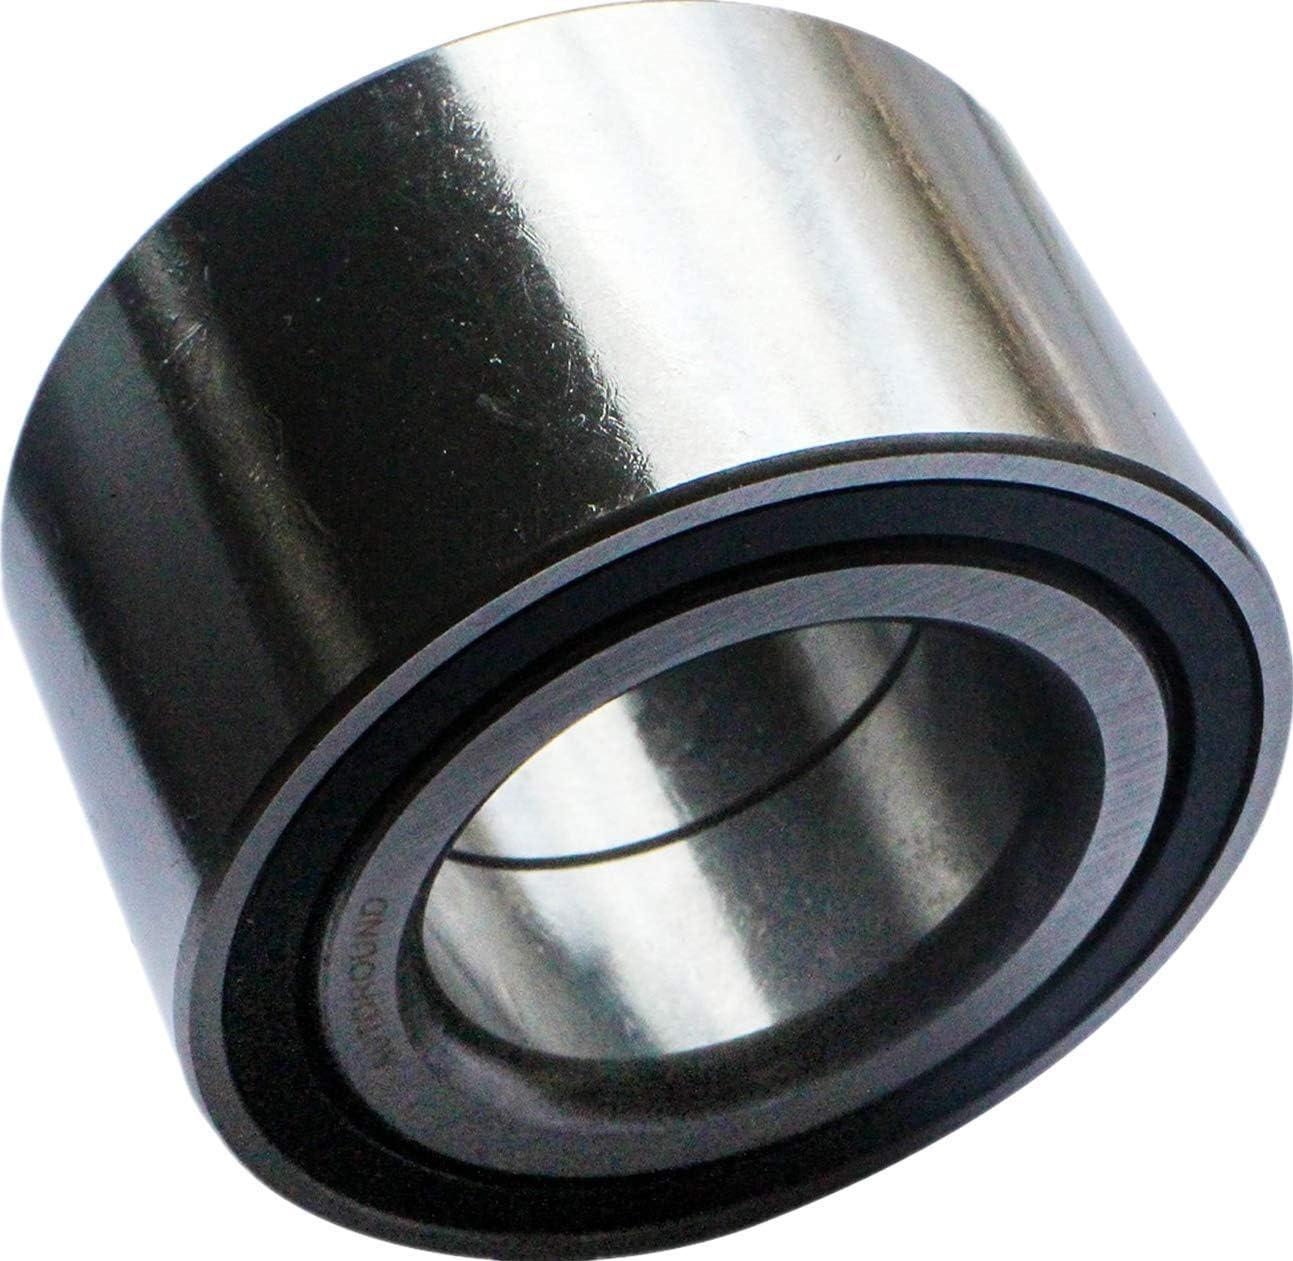 Autoround Wheel Bearing 510089